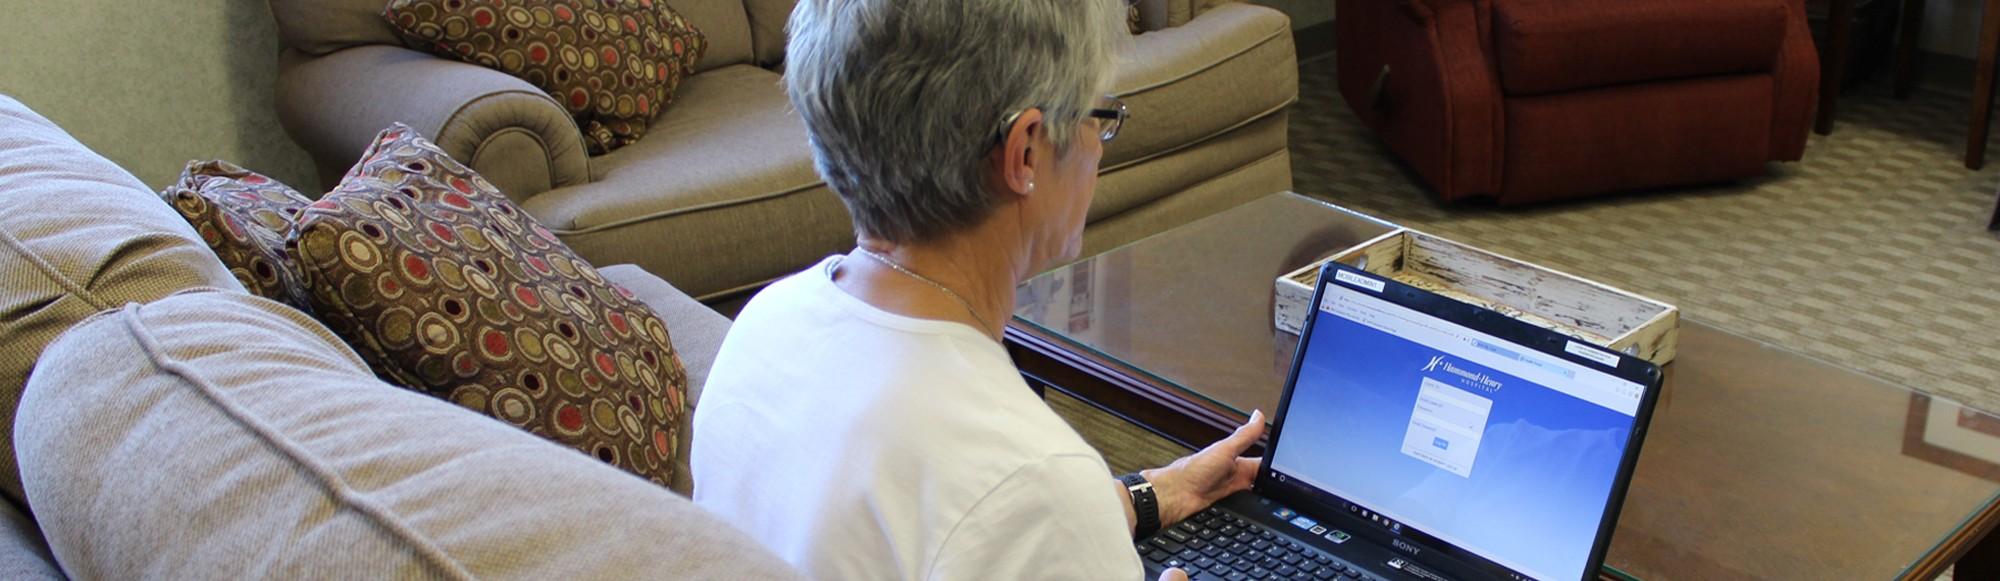 Online Bill Pay Hammond Henry Hospital